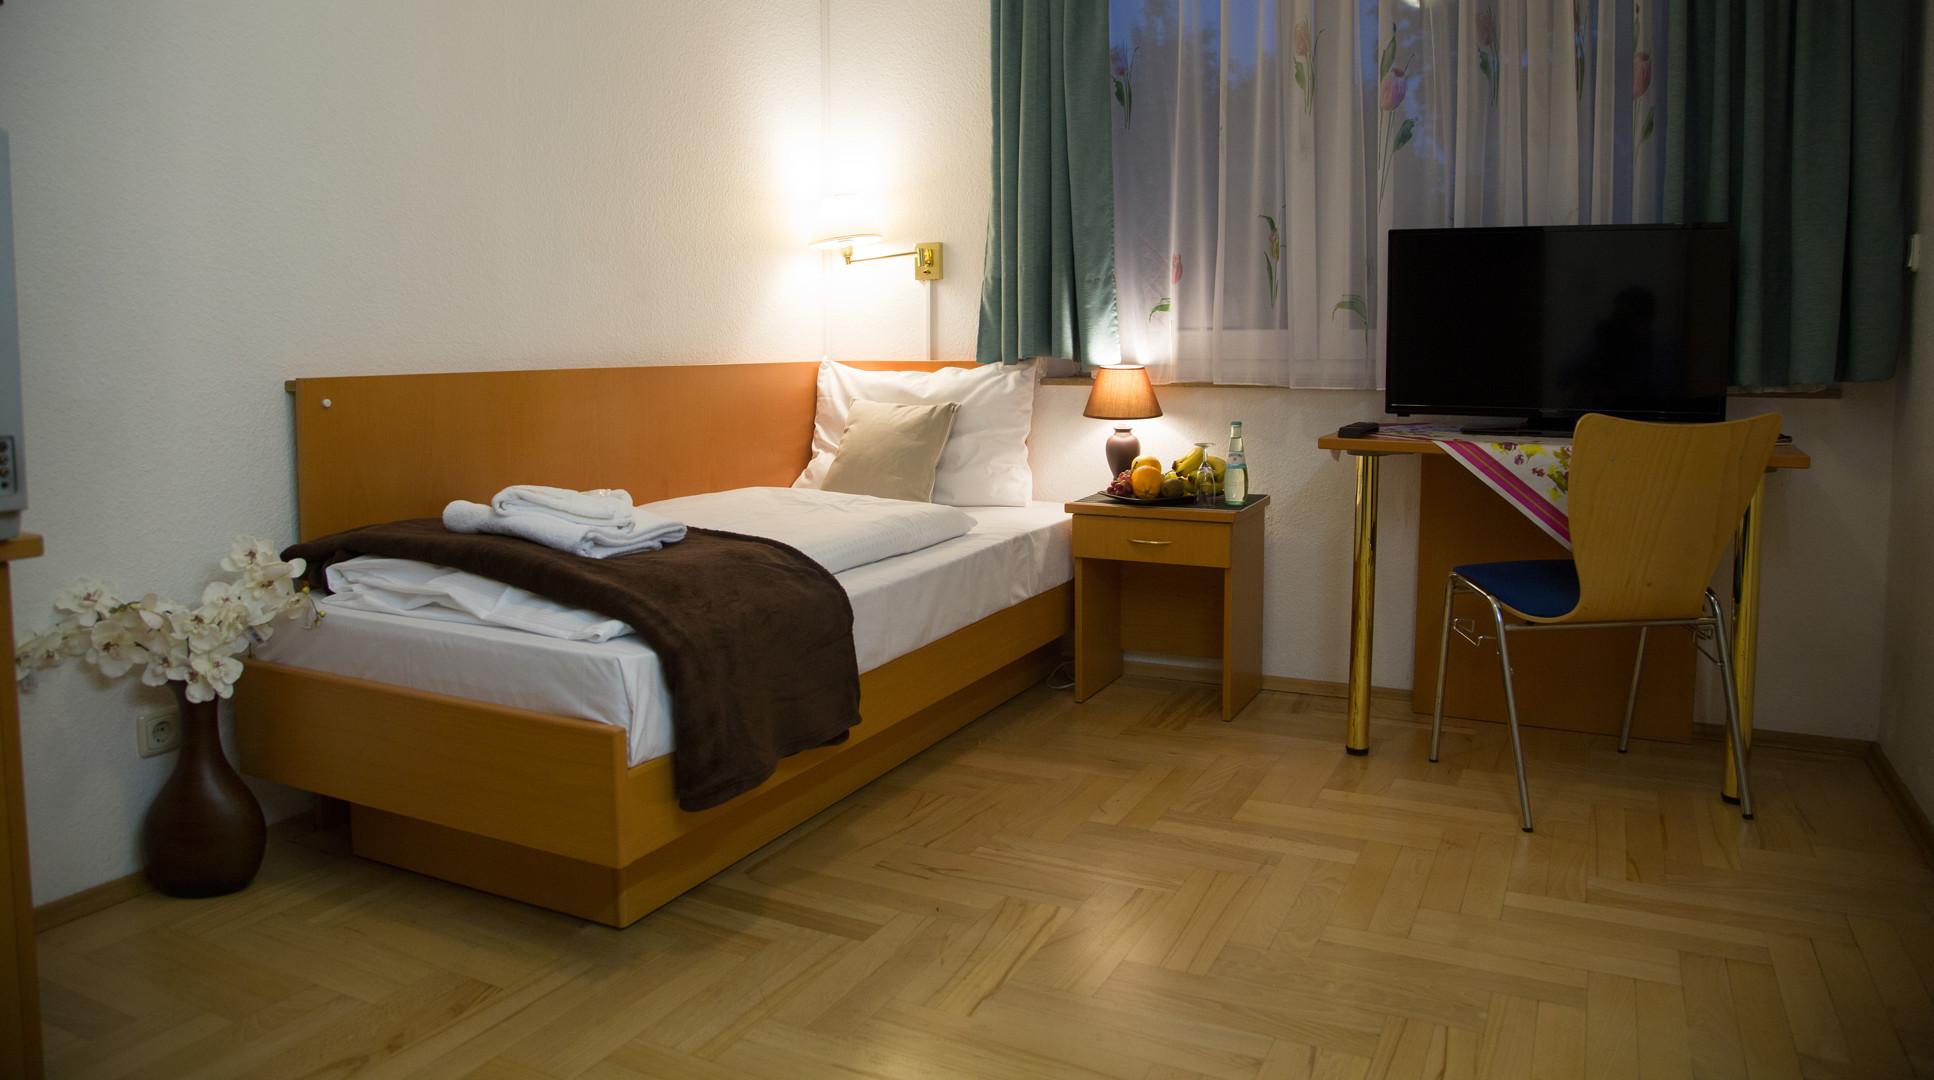 Einbettzimmer2